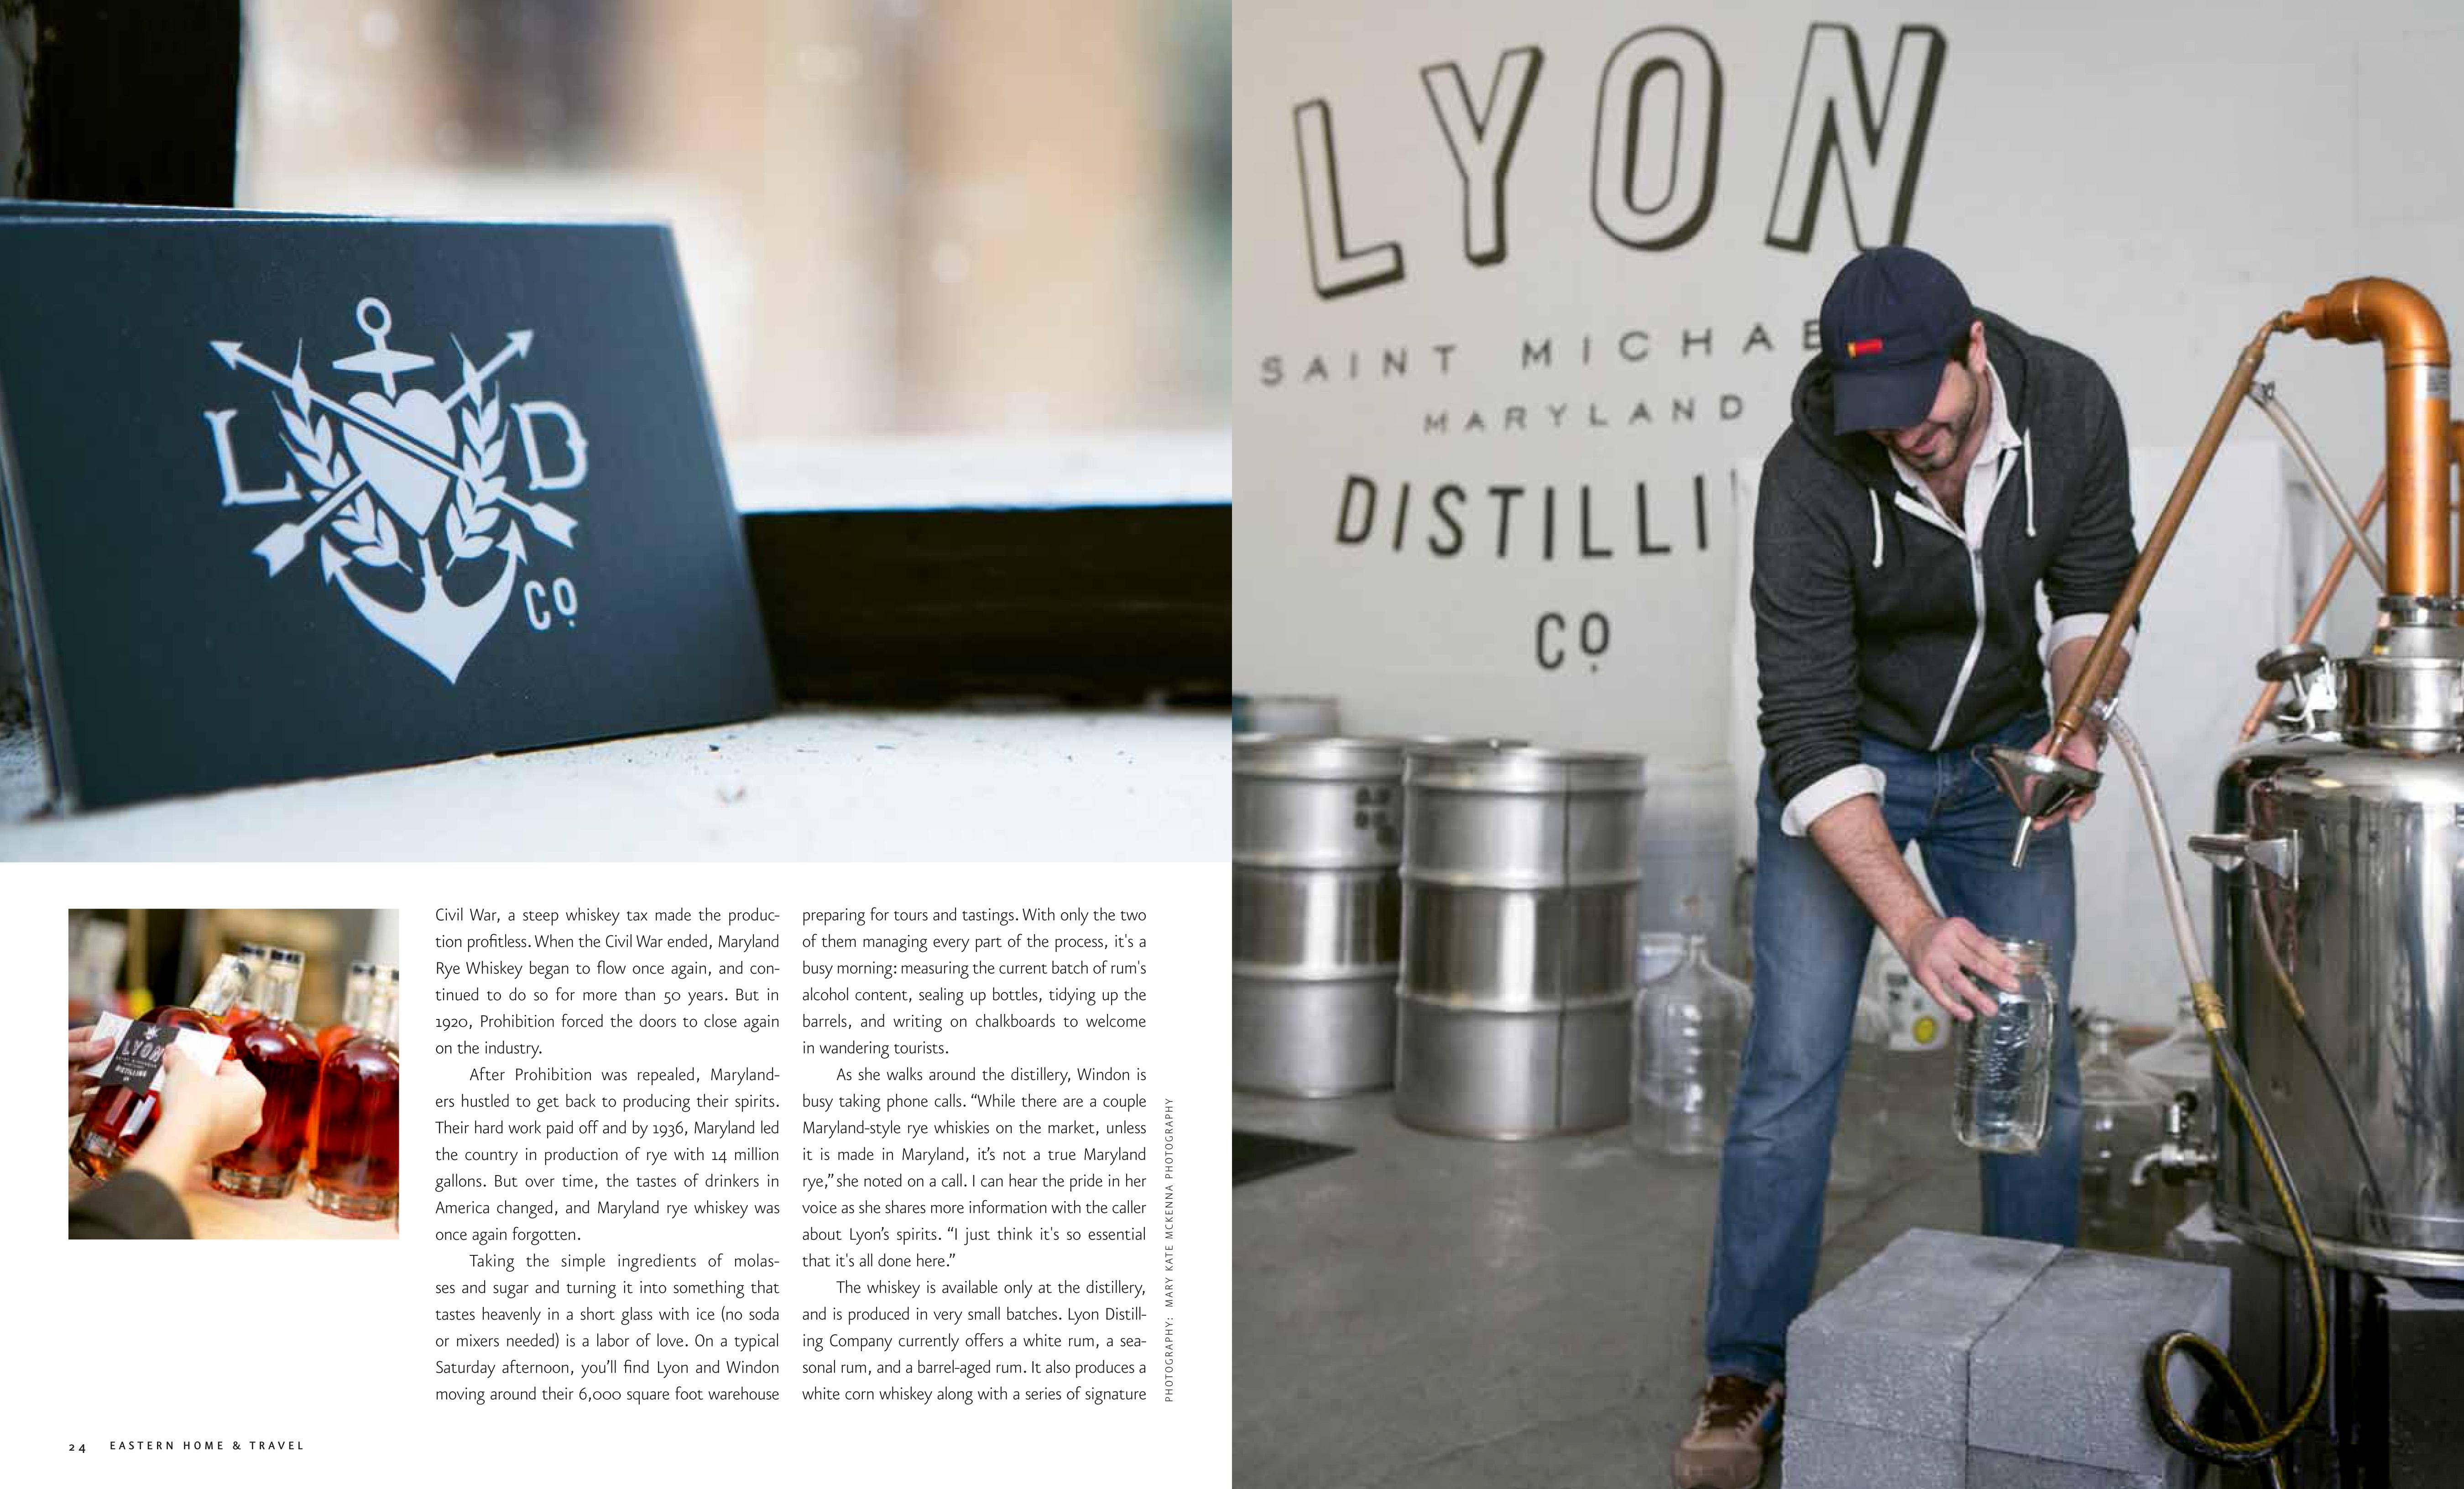 EHT_Lyon_Distilling-3